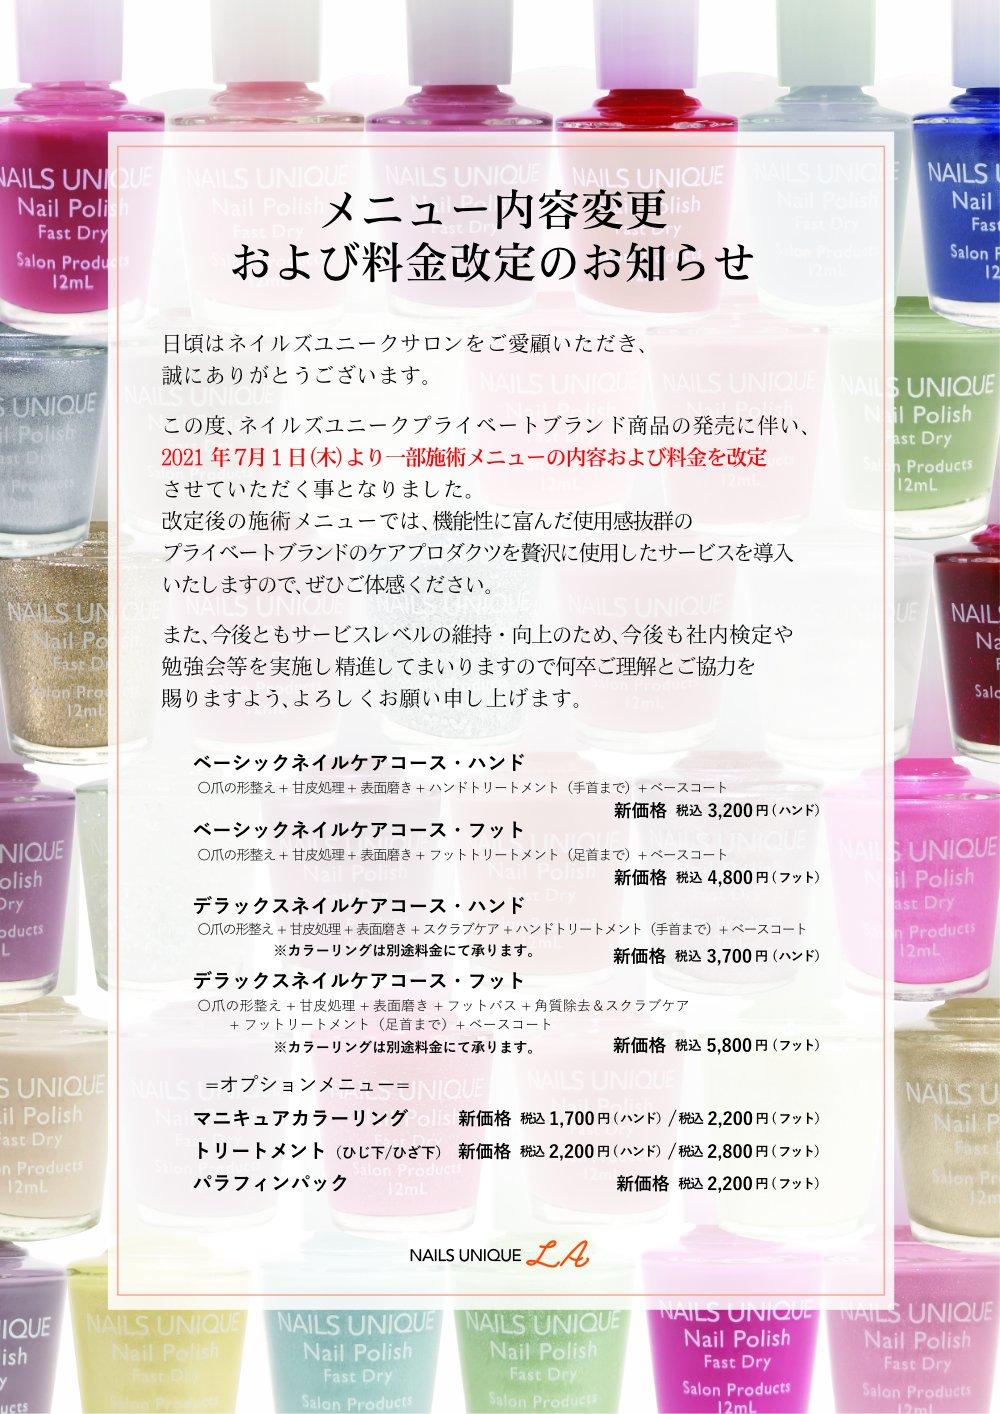 価格改定のお知らせLA.jpg